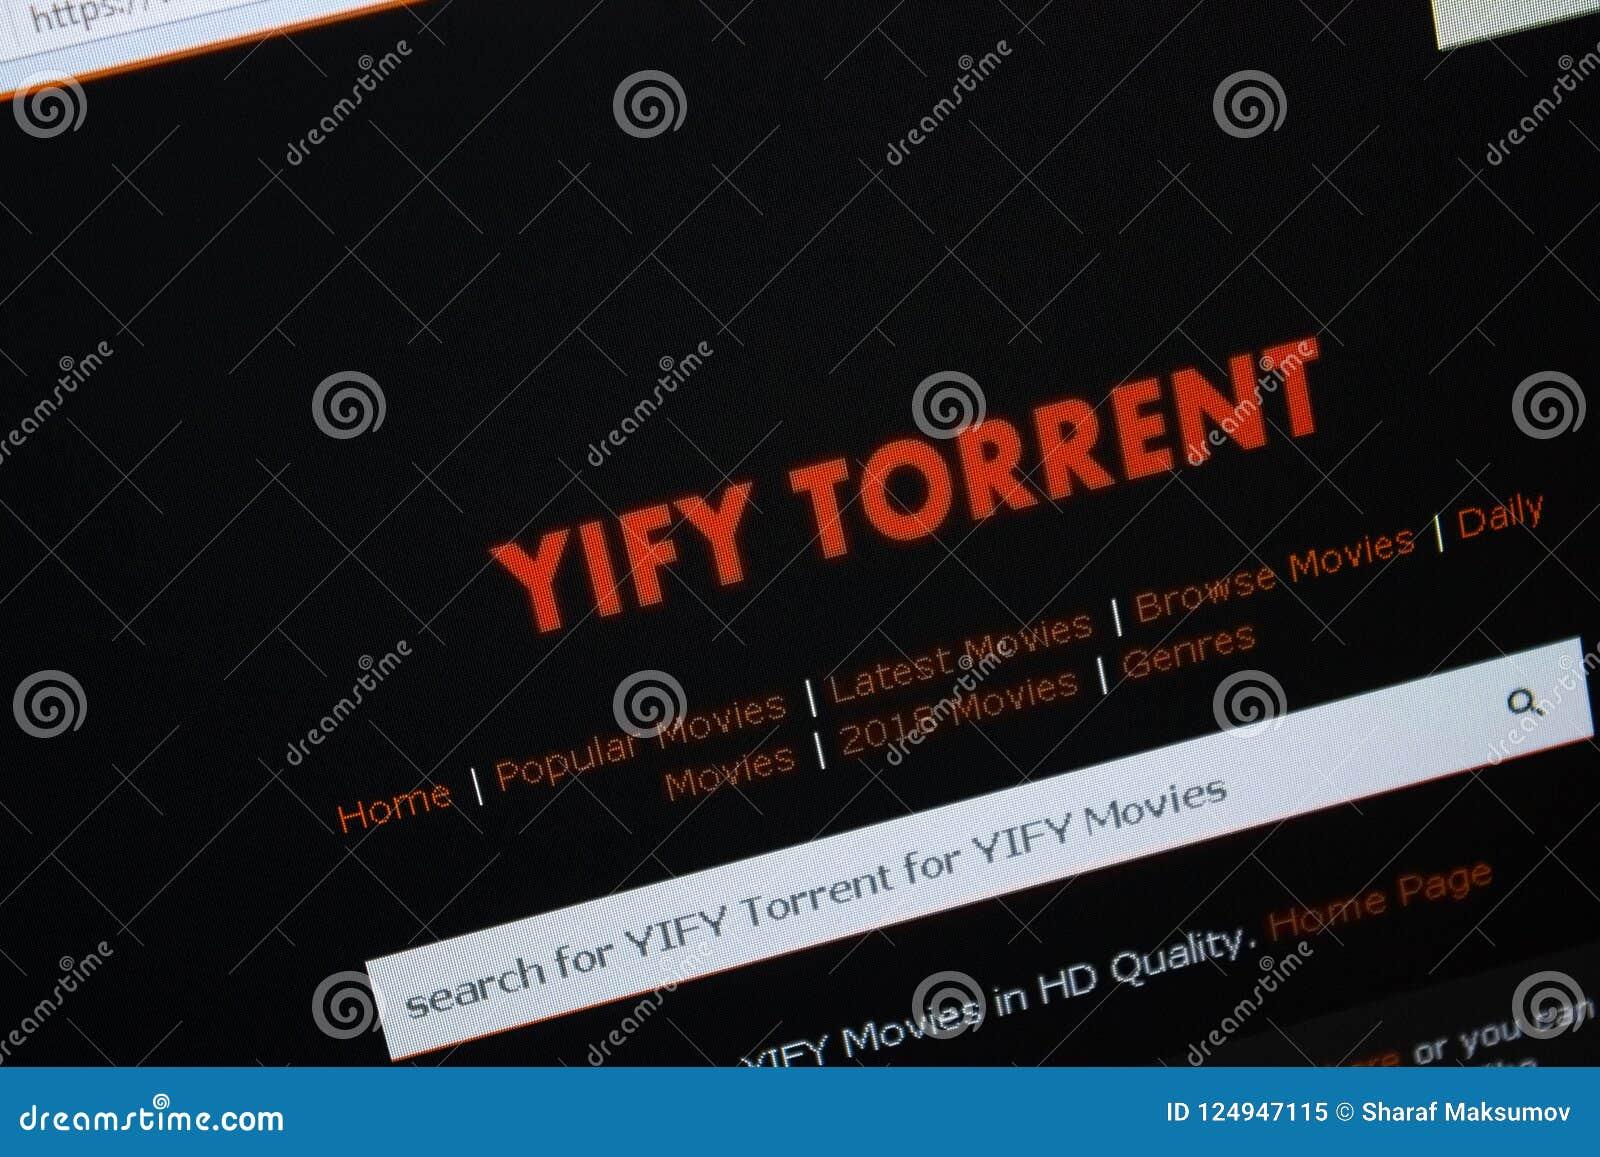 Riazan, Russie - 26 août 2018 : Page d accueil de site Web de YIFY-torrent sur l affichage du PC URL - YIFY-torrent org